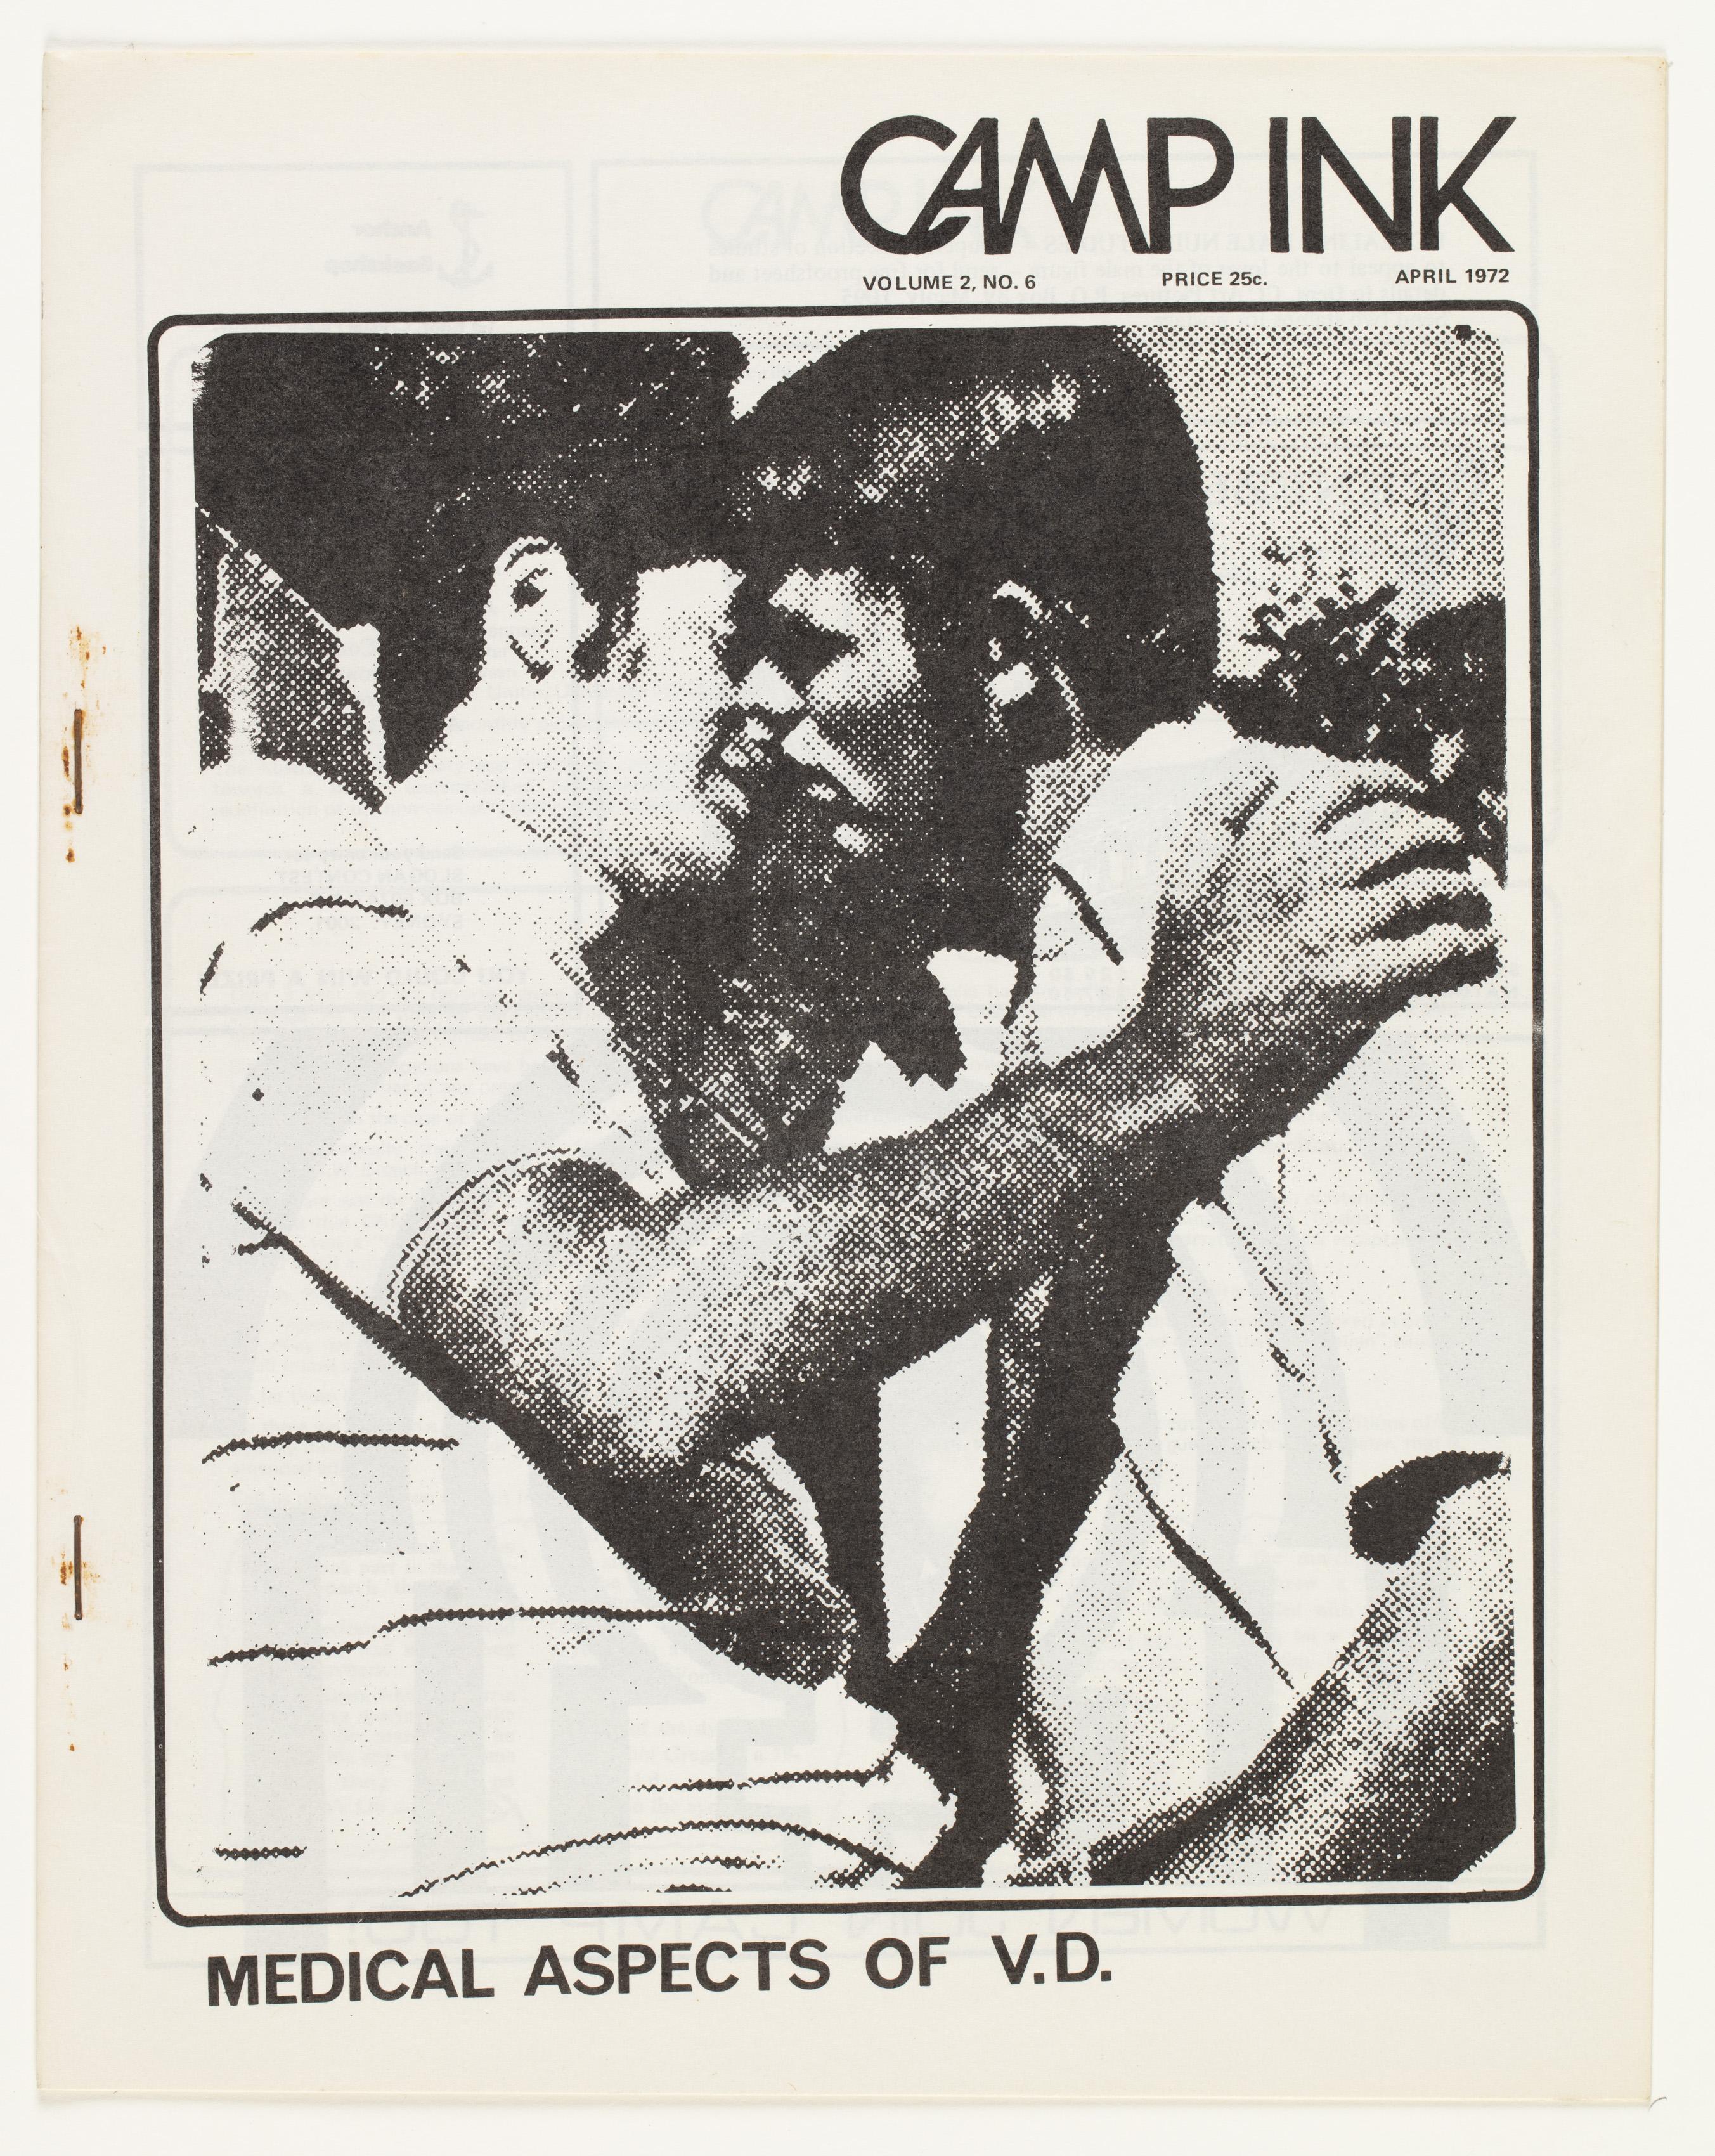 Camp Ink. Vol. 2, No.6 (April 1972)